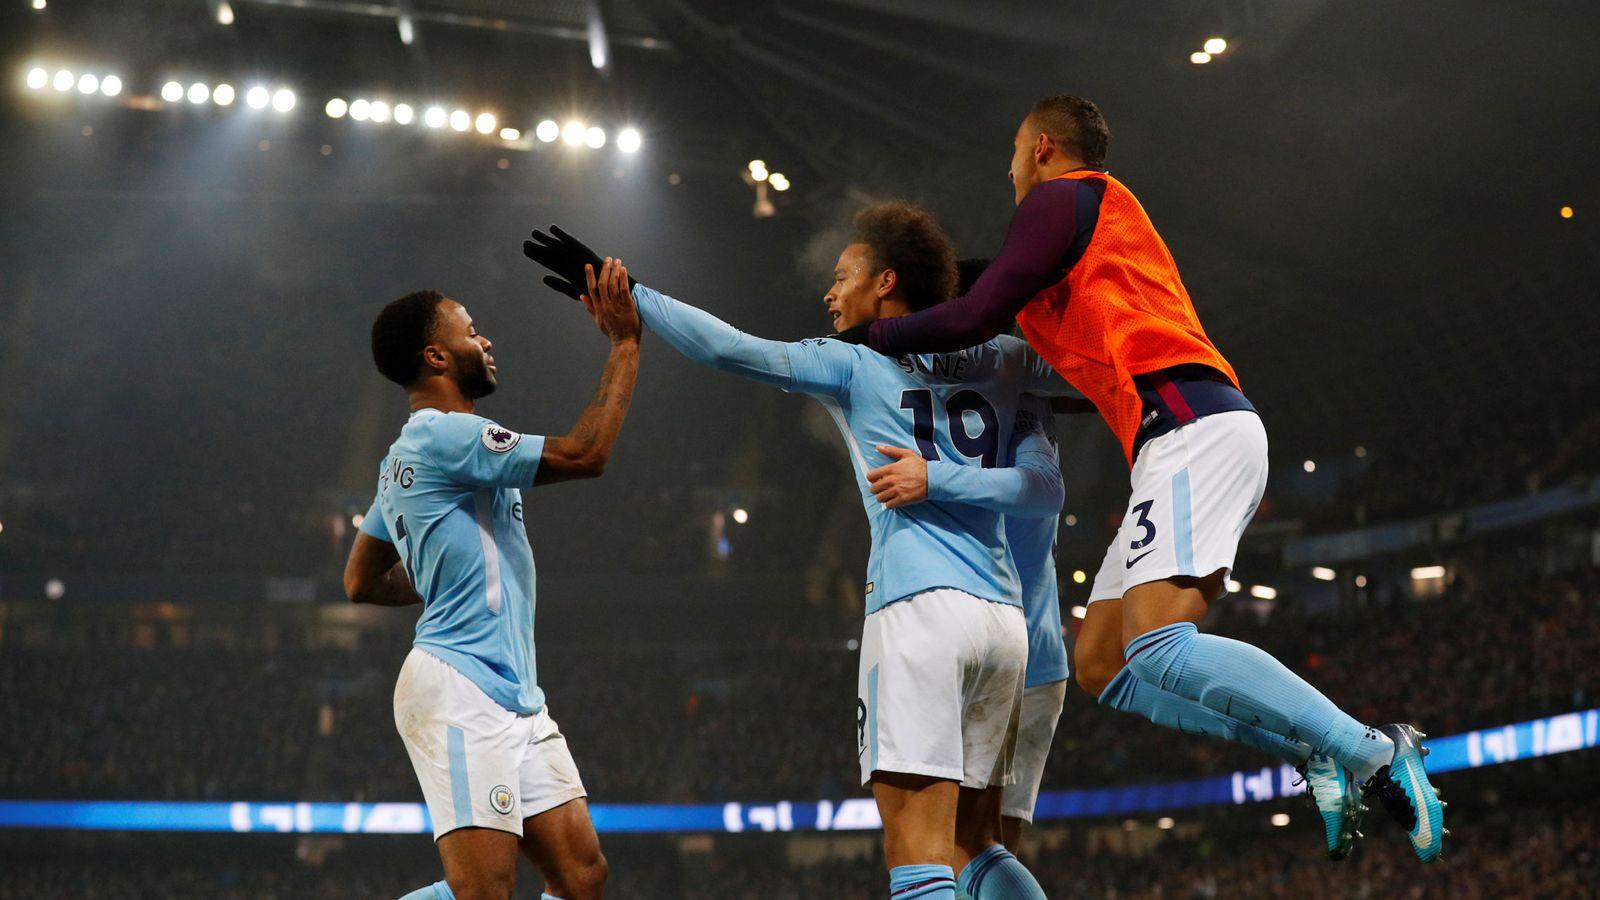 Foto: Jugadores del City celebran uno de los goles. (Reuters)